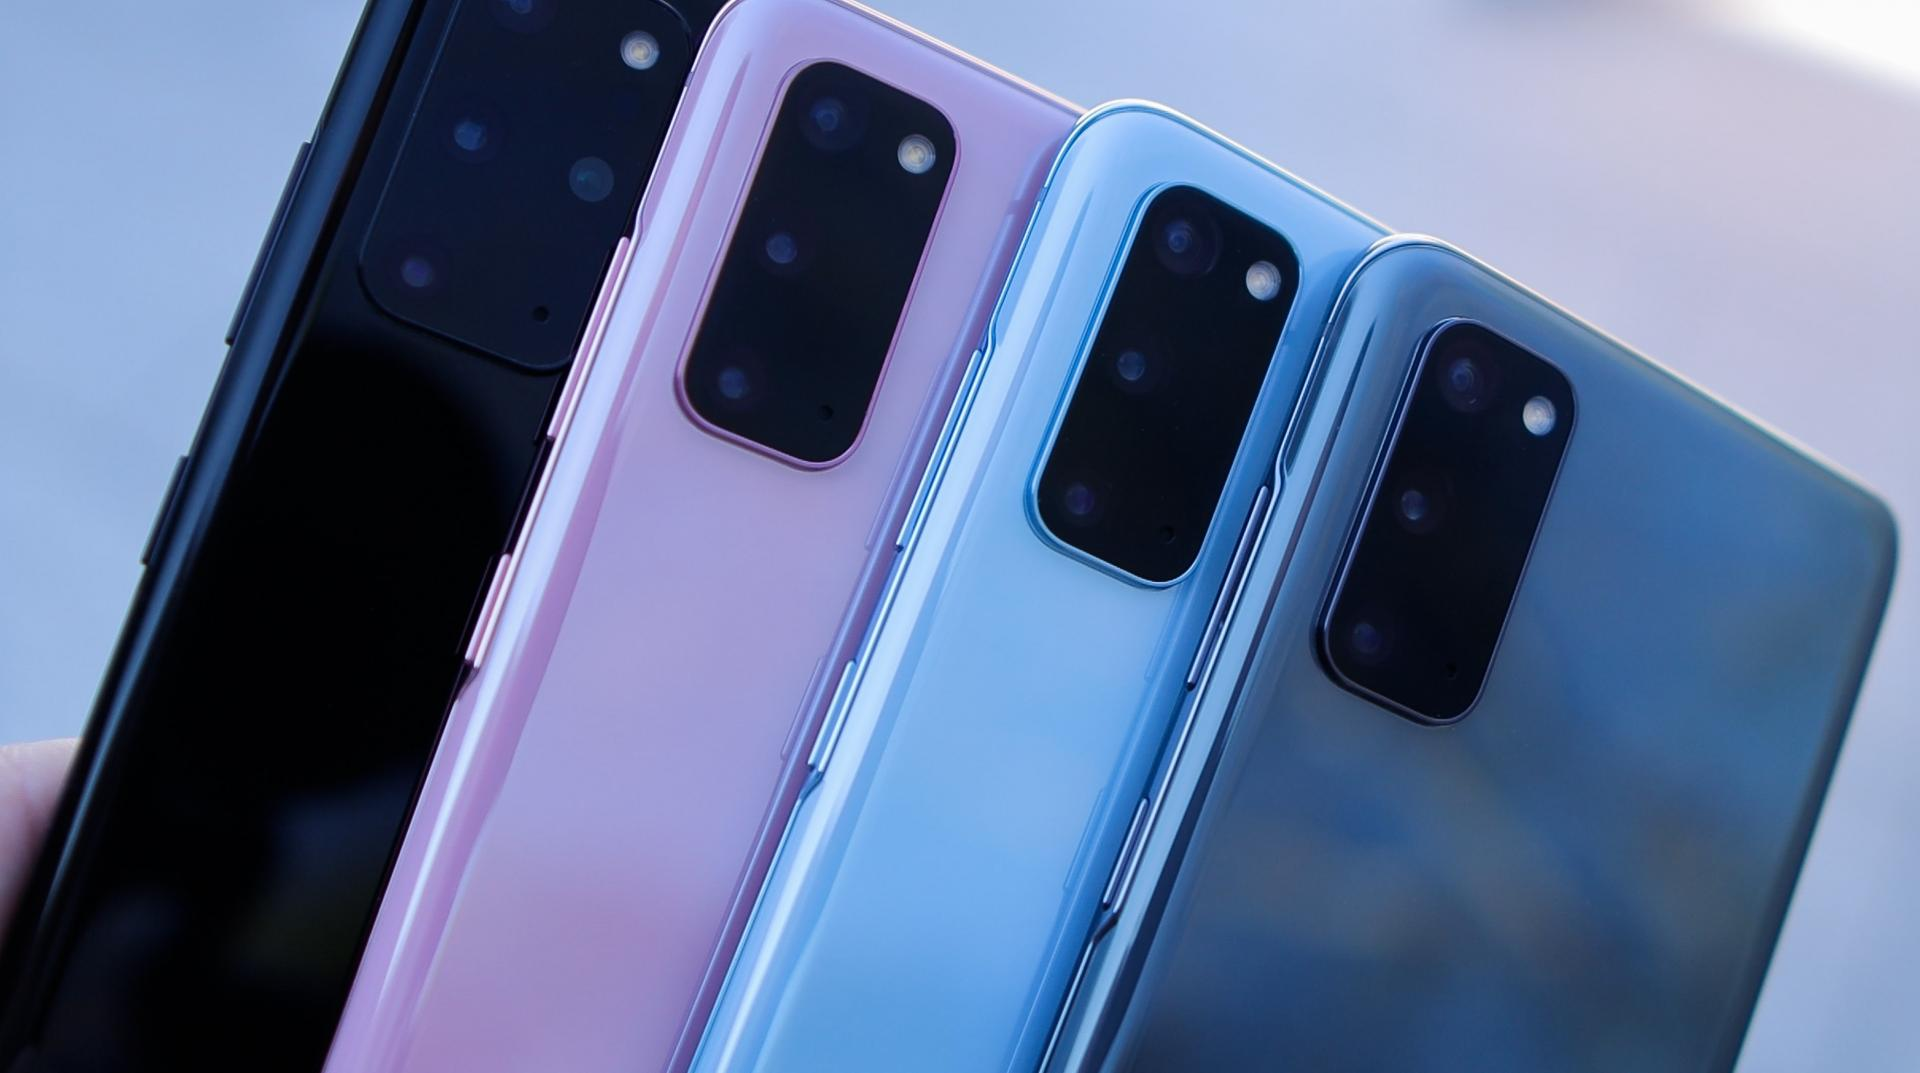 ТОП-5 лучших дешевых смартфонов в 2021 году